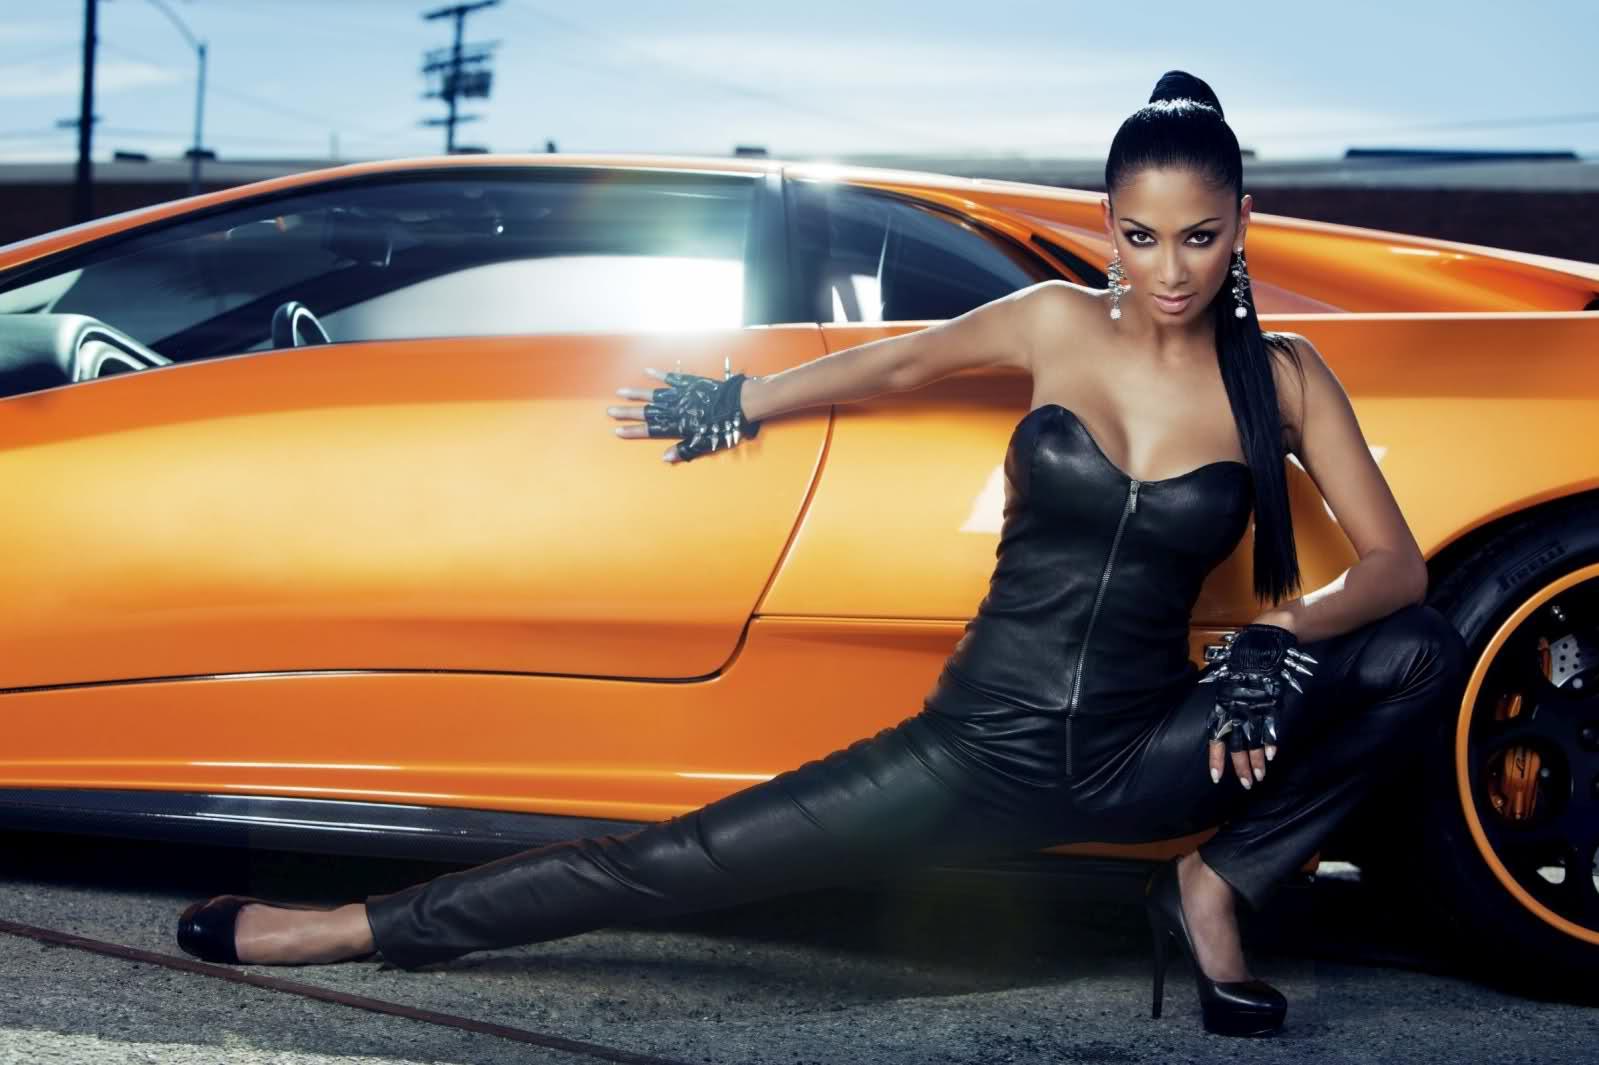 Lamborghini Diablo a Nicole Scherzinger 1